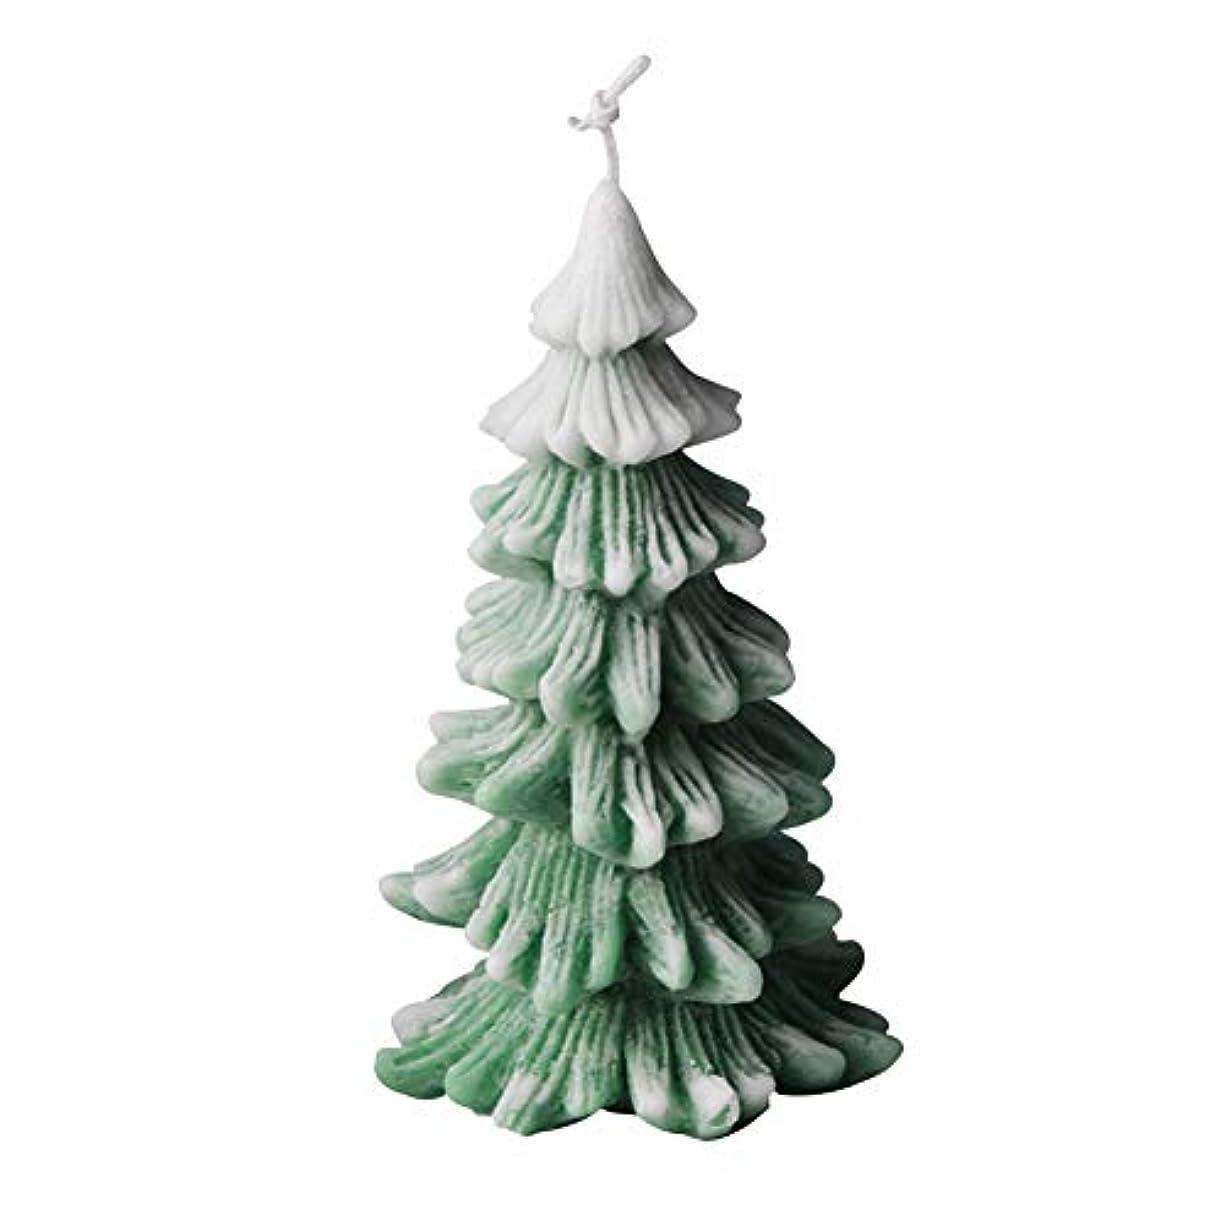 第四ぬれた菊クリスマスキャンドル金型、松クリスマスの装飾の香りのキャンドルを香り